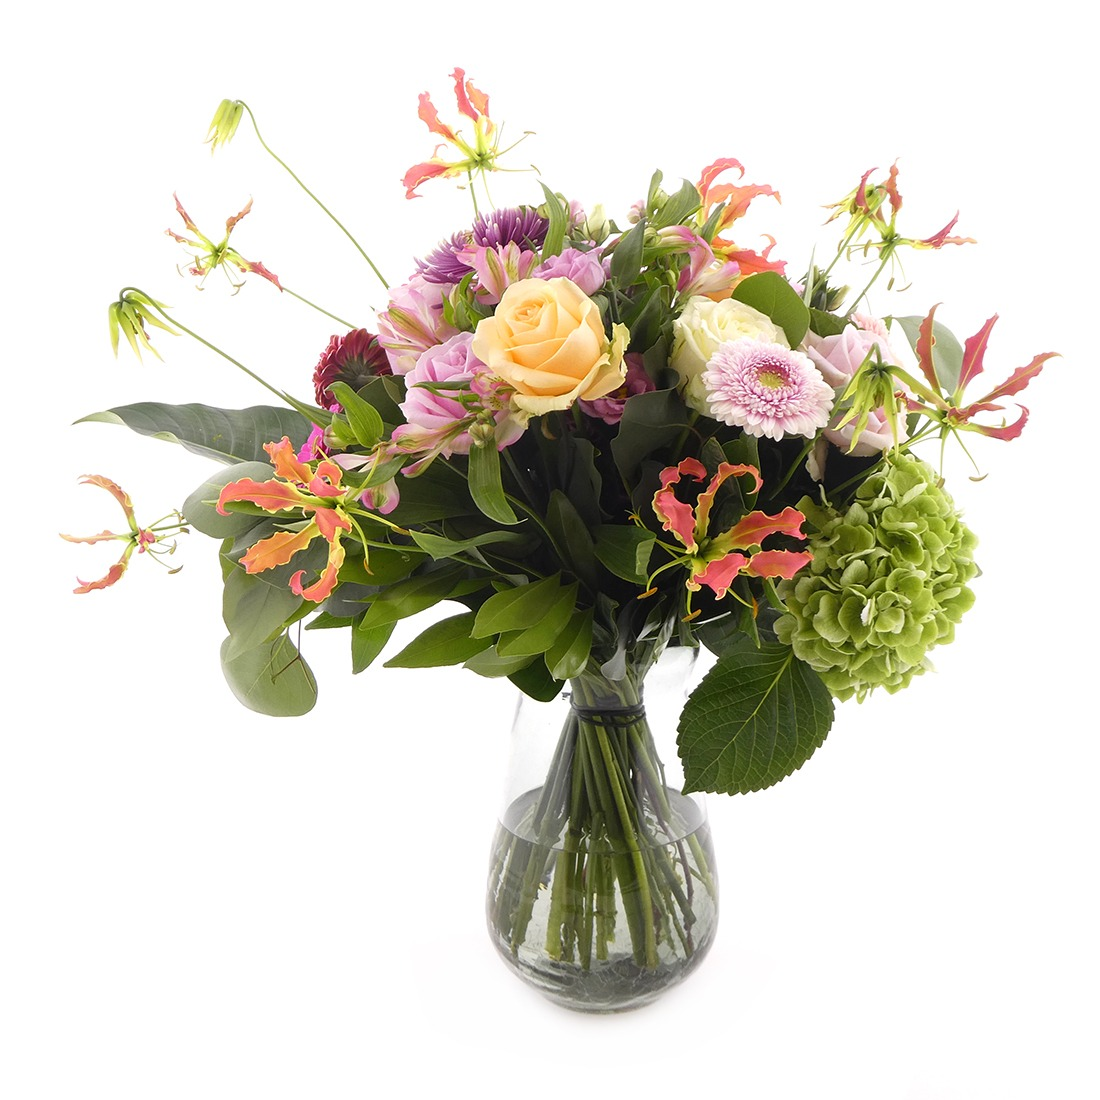 Productfotografie fotostudio planten en bloemen